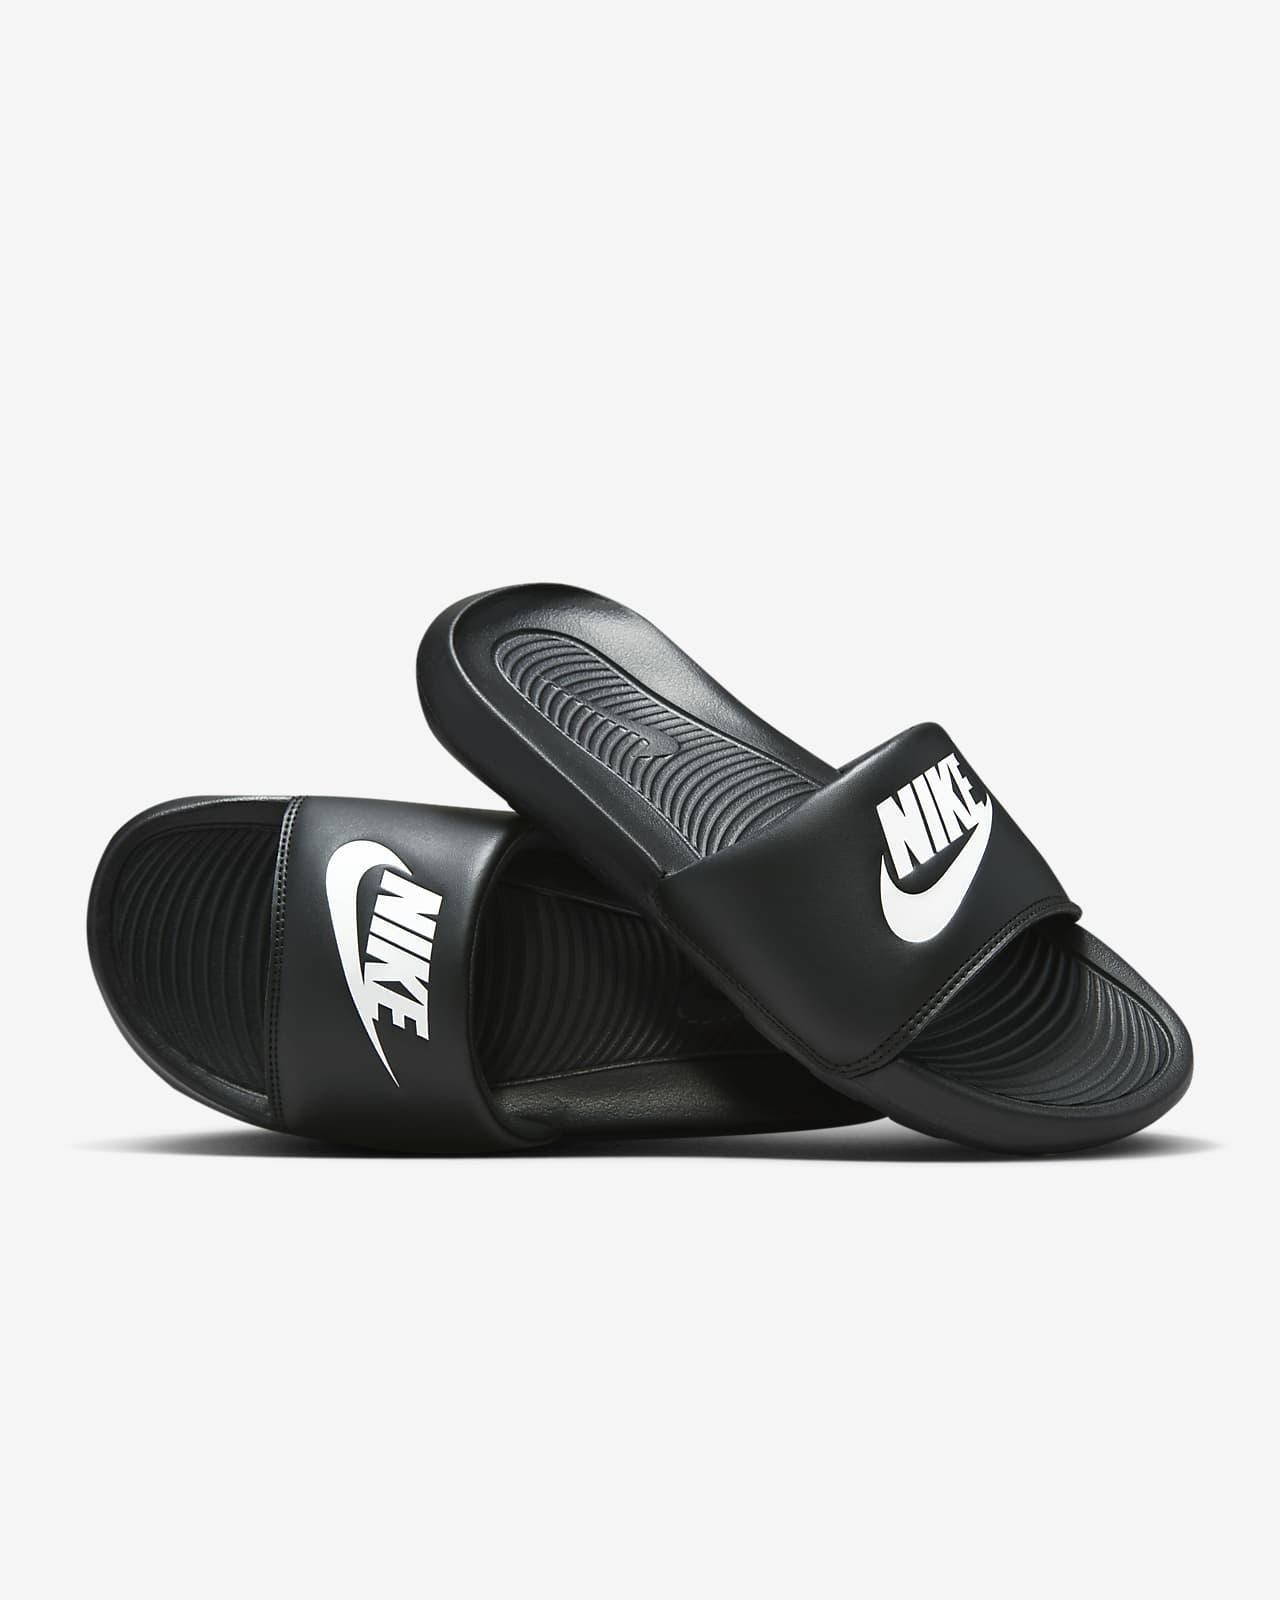 Nike Victori One Slide 女子拖鞋